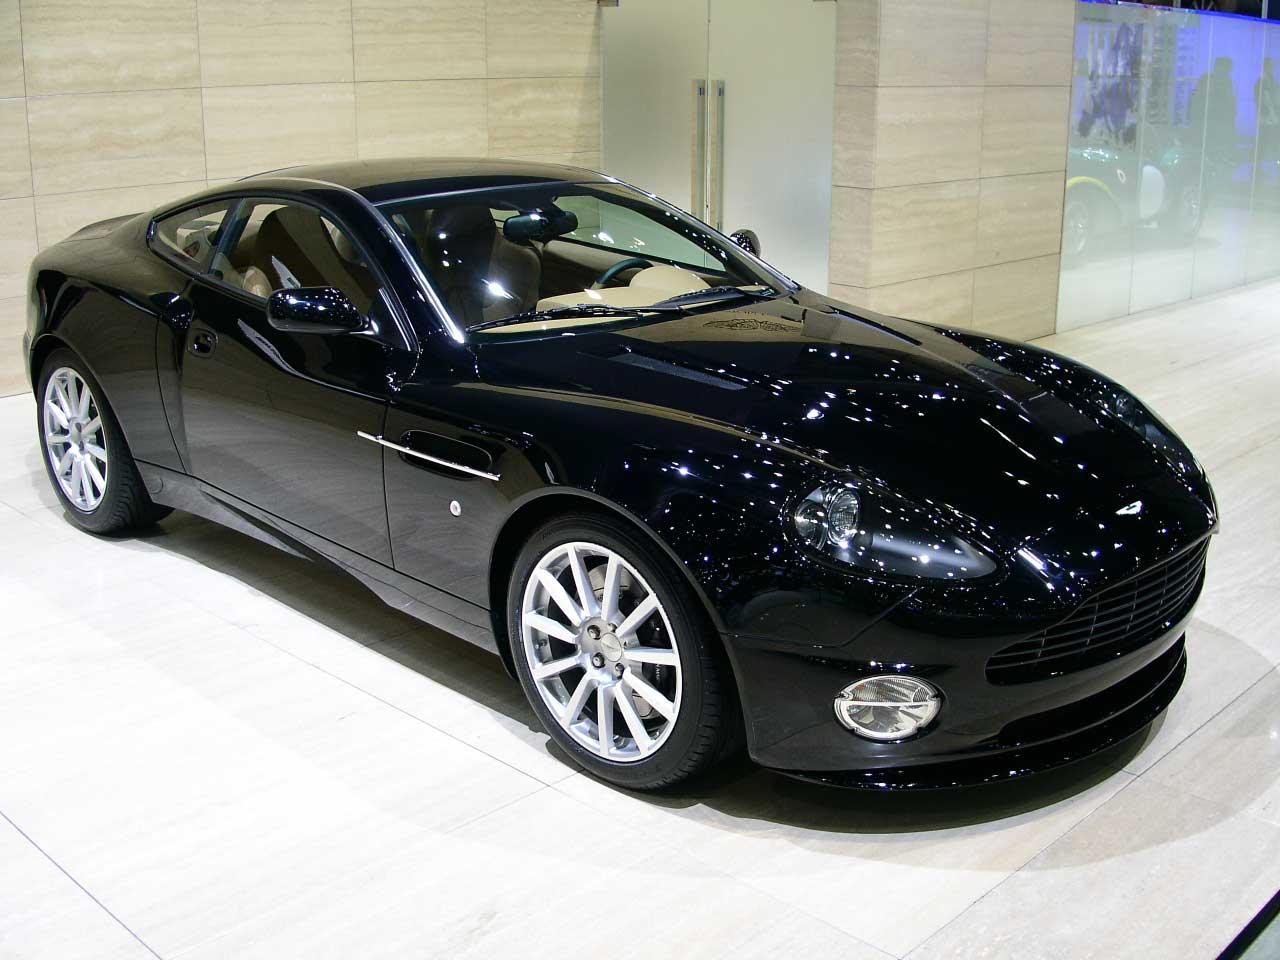 Автомобиль Aston Martin V12 Vanquish: Фото #01 из 15 ...